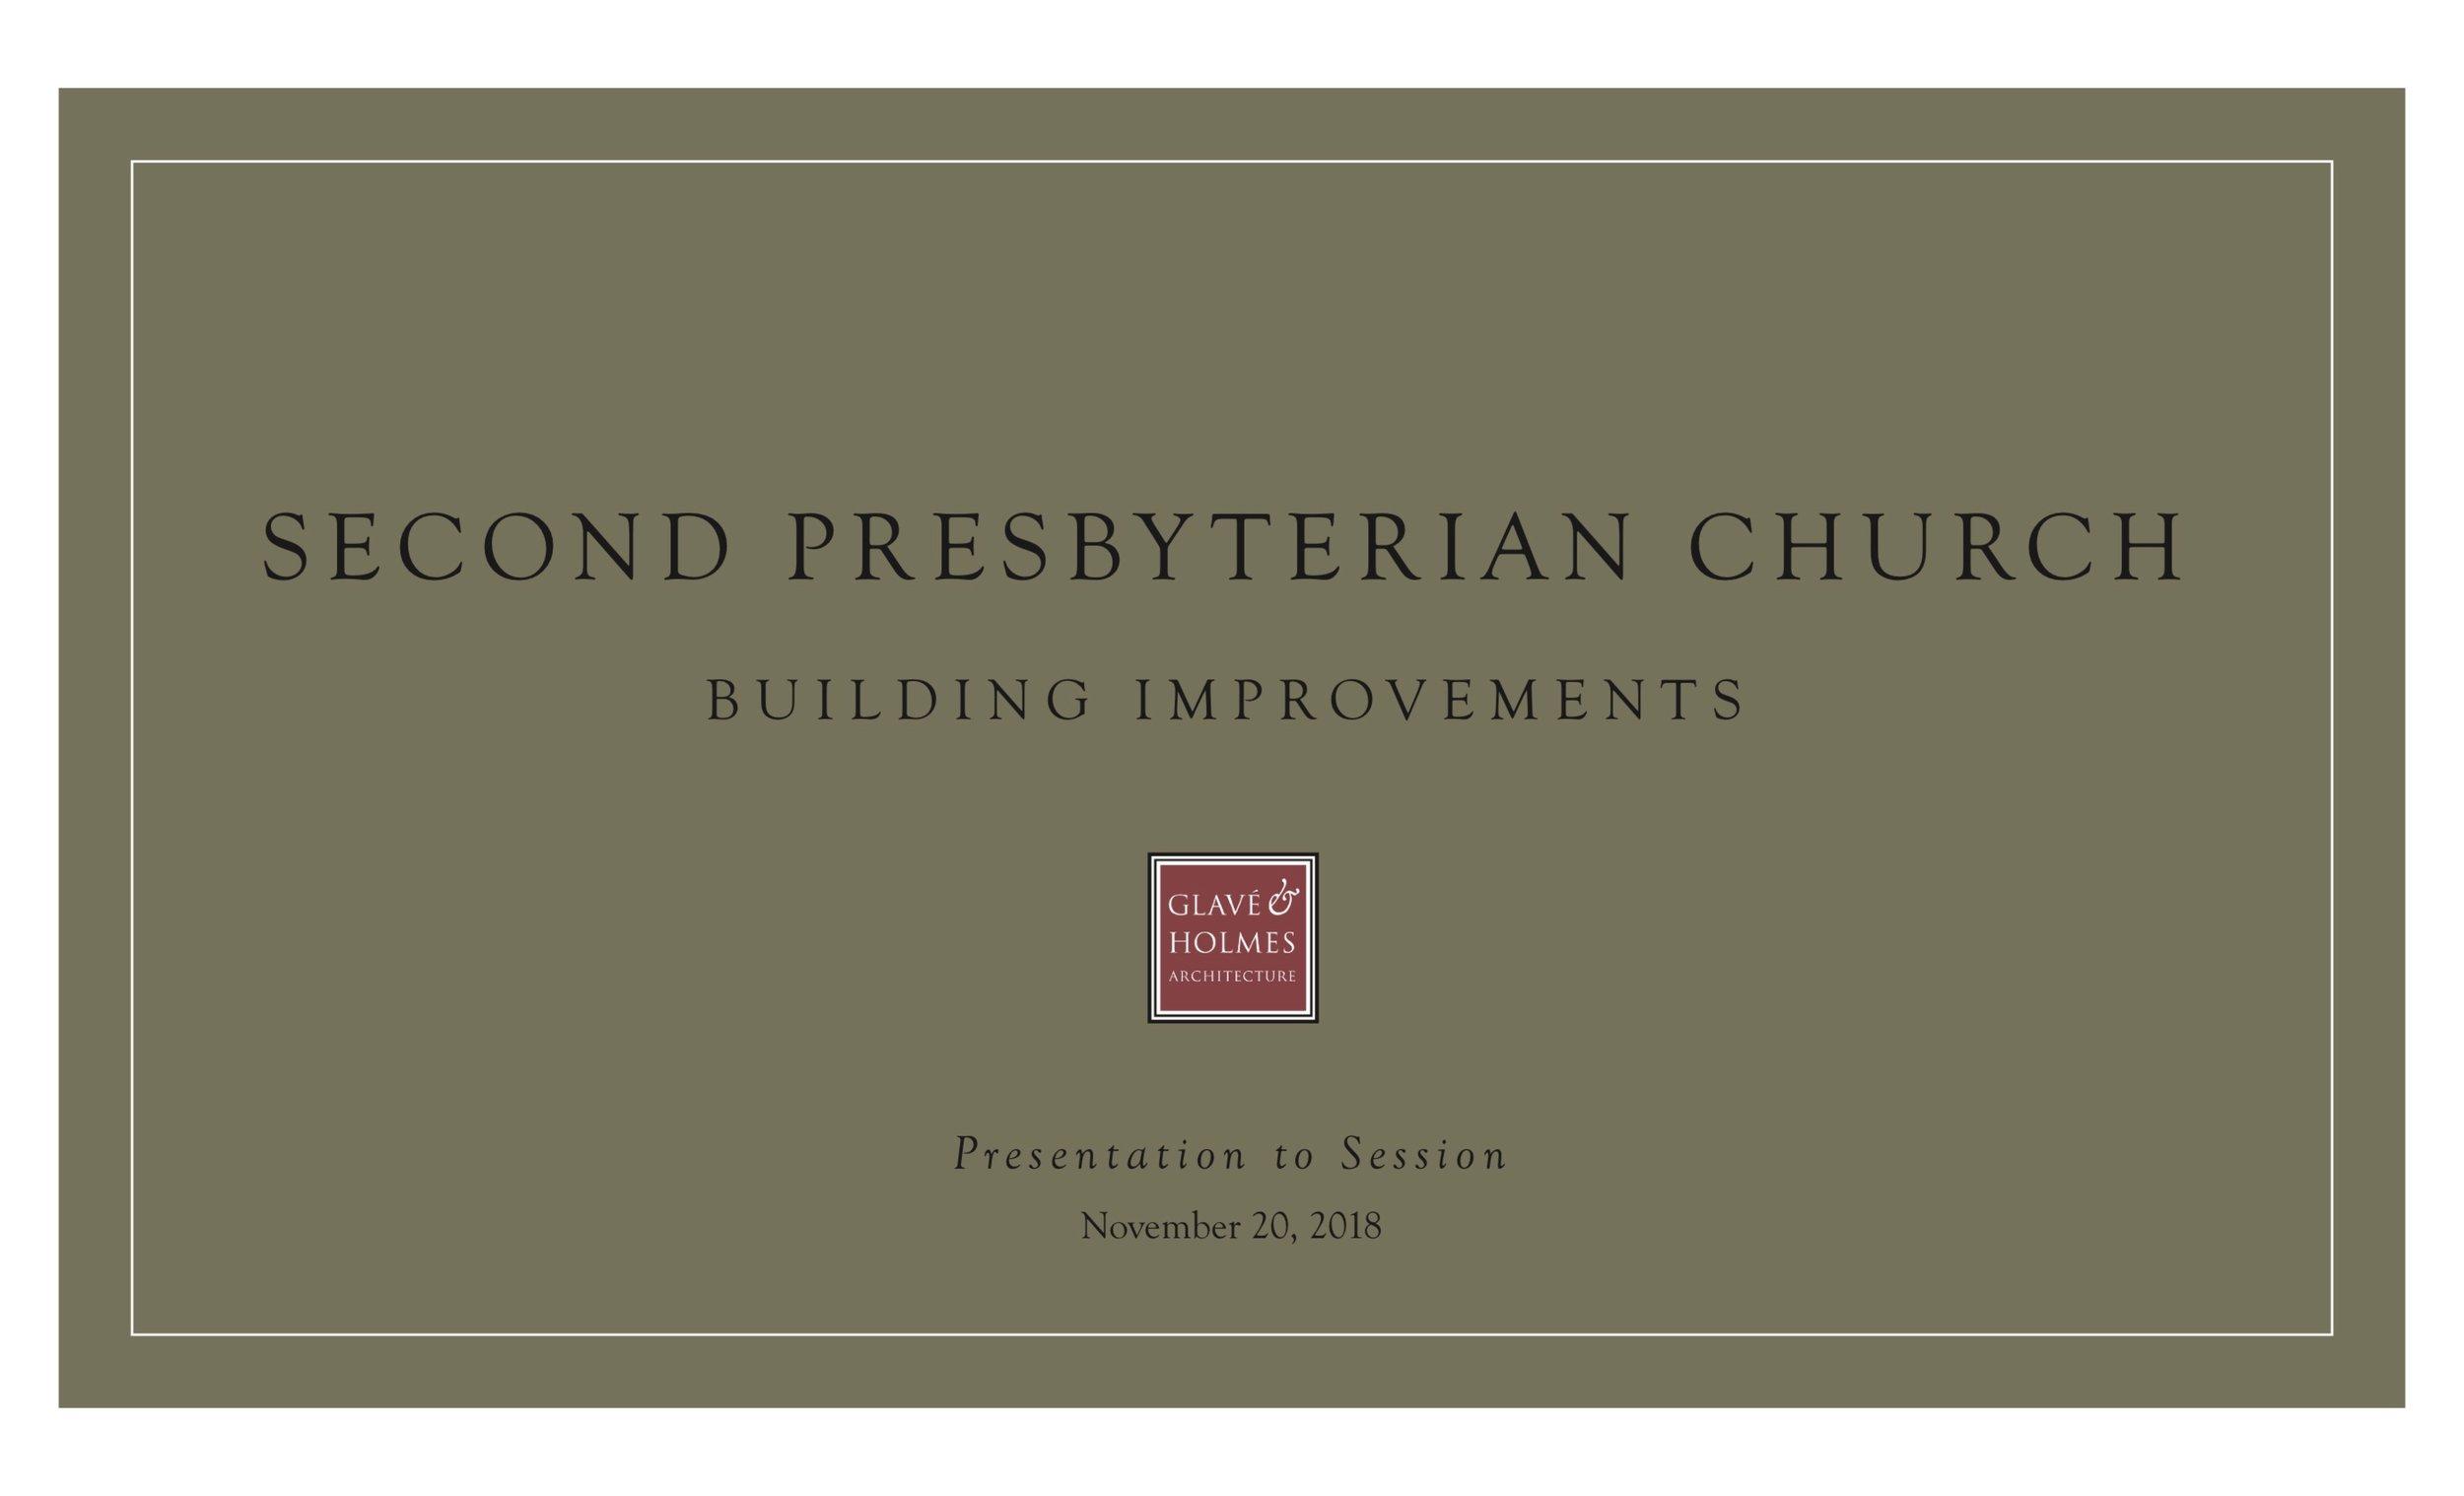 Second Pres Building Improvements 46 1:7:2019.jpeg